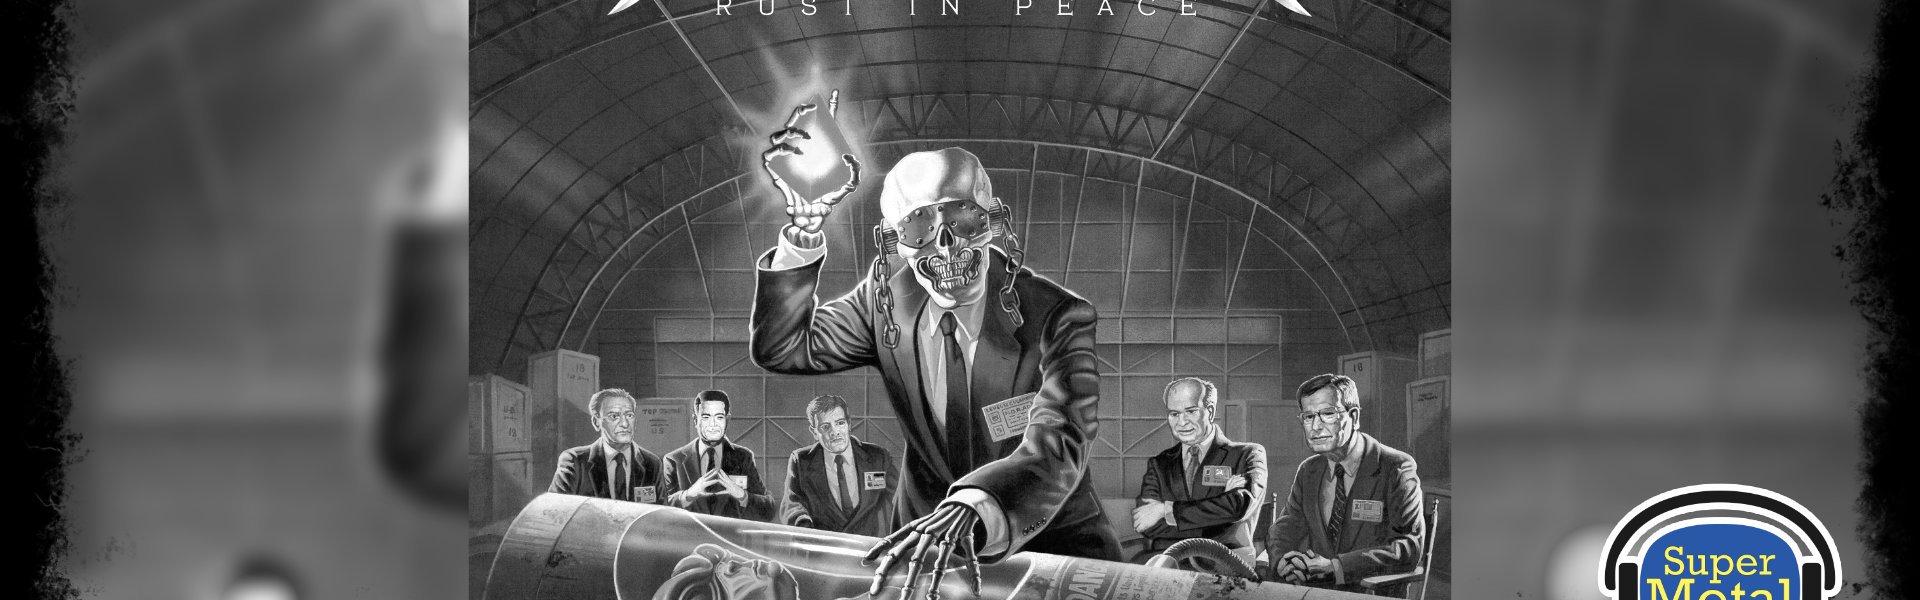 Rust in Peace album art